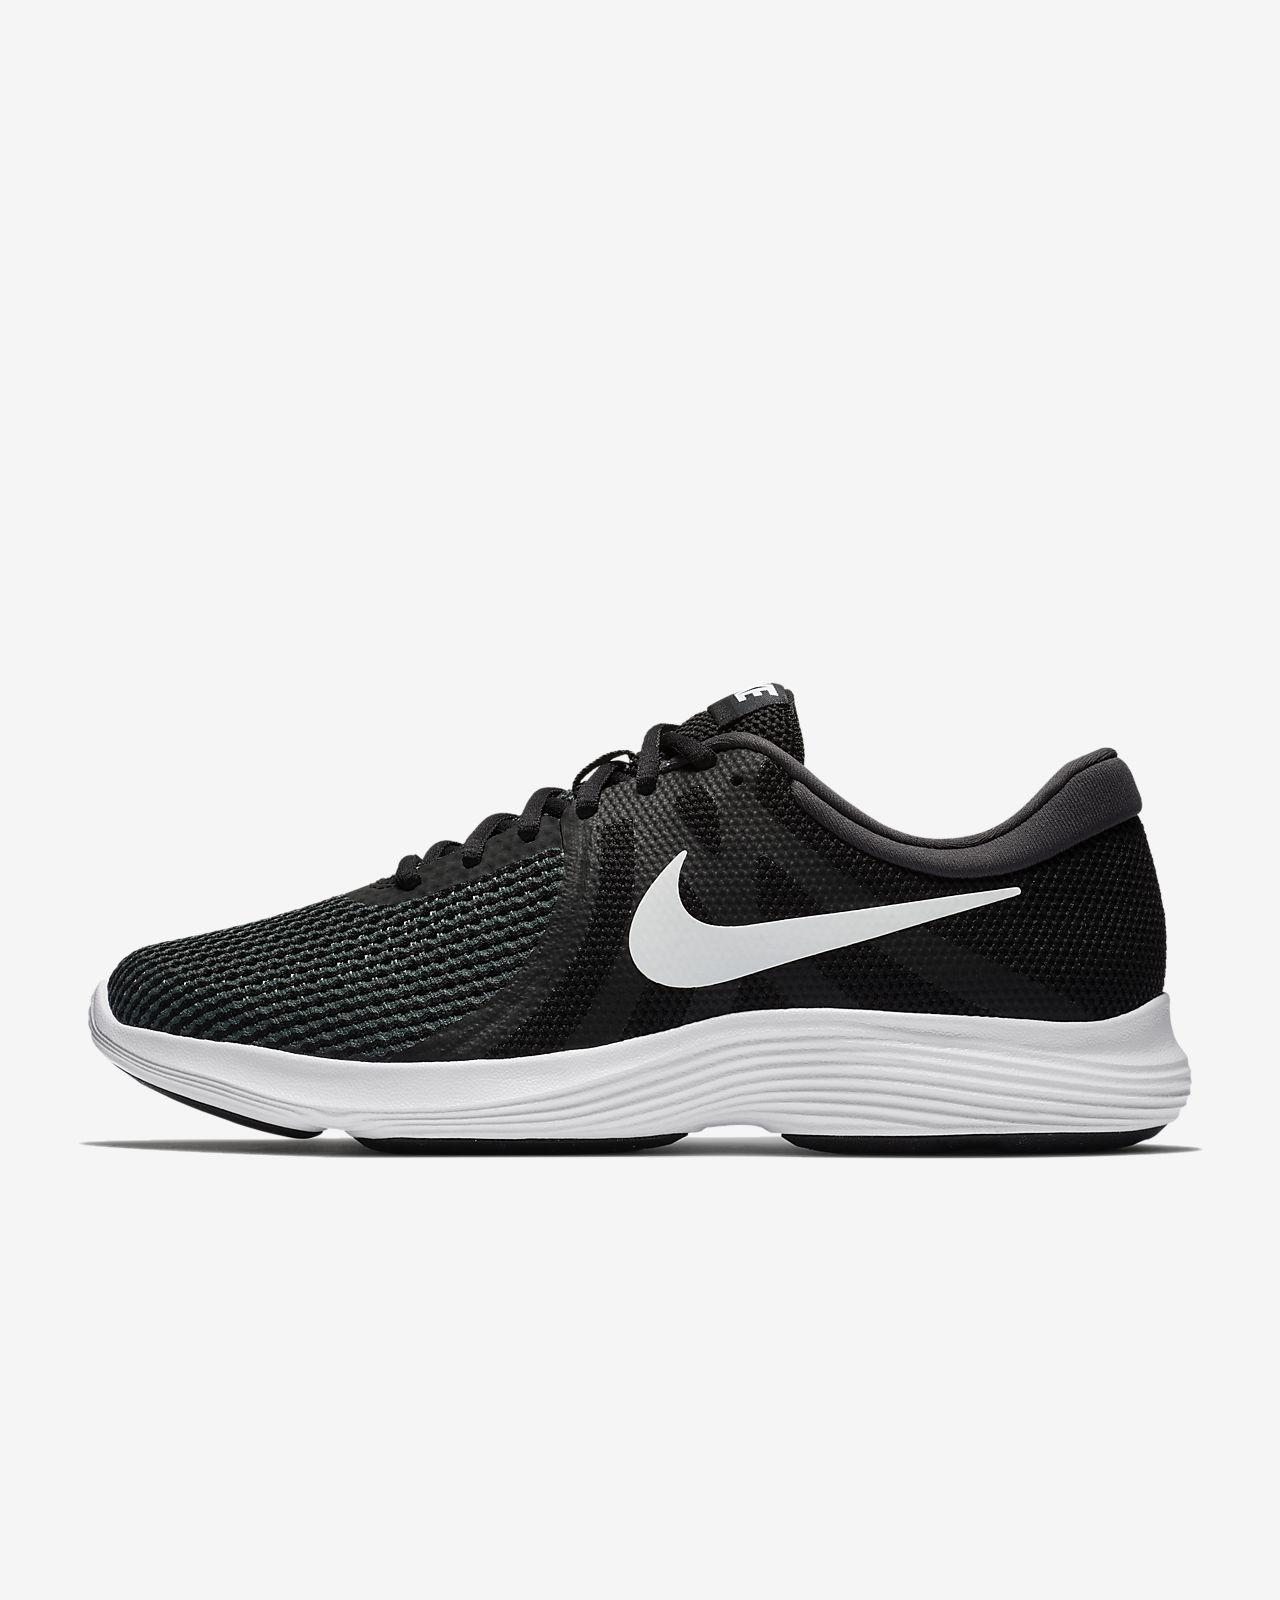 5d286ac36f5 Calzado de running para hombres (UE) Nike Revolution 4. Nike.com CL